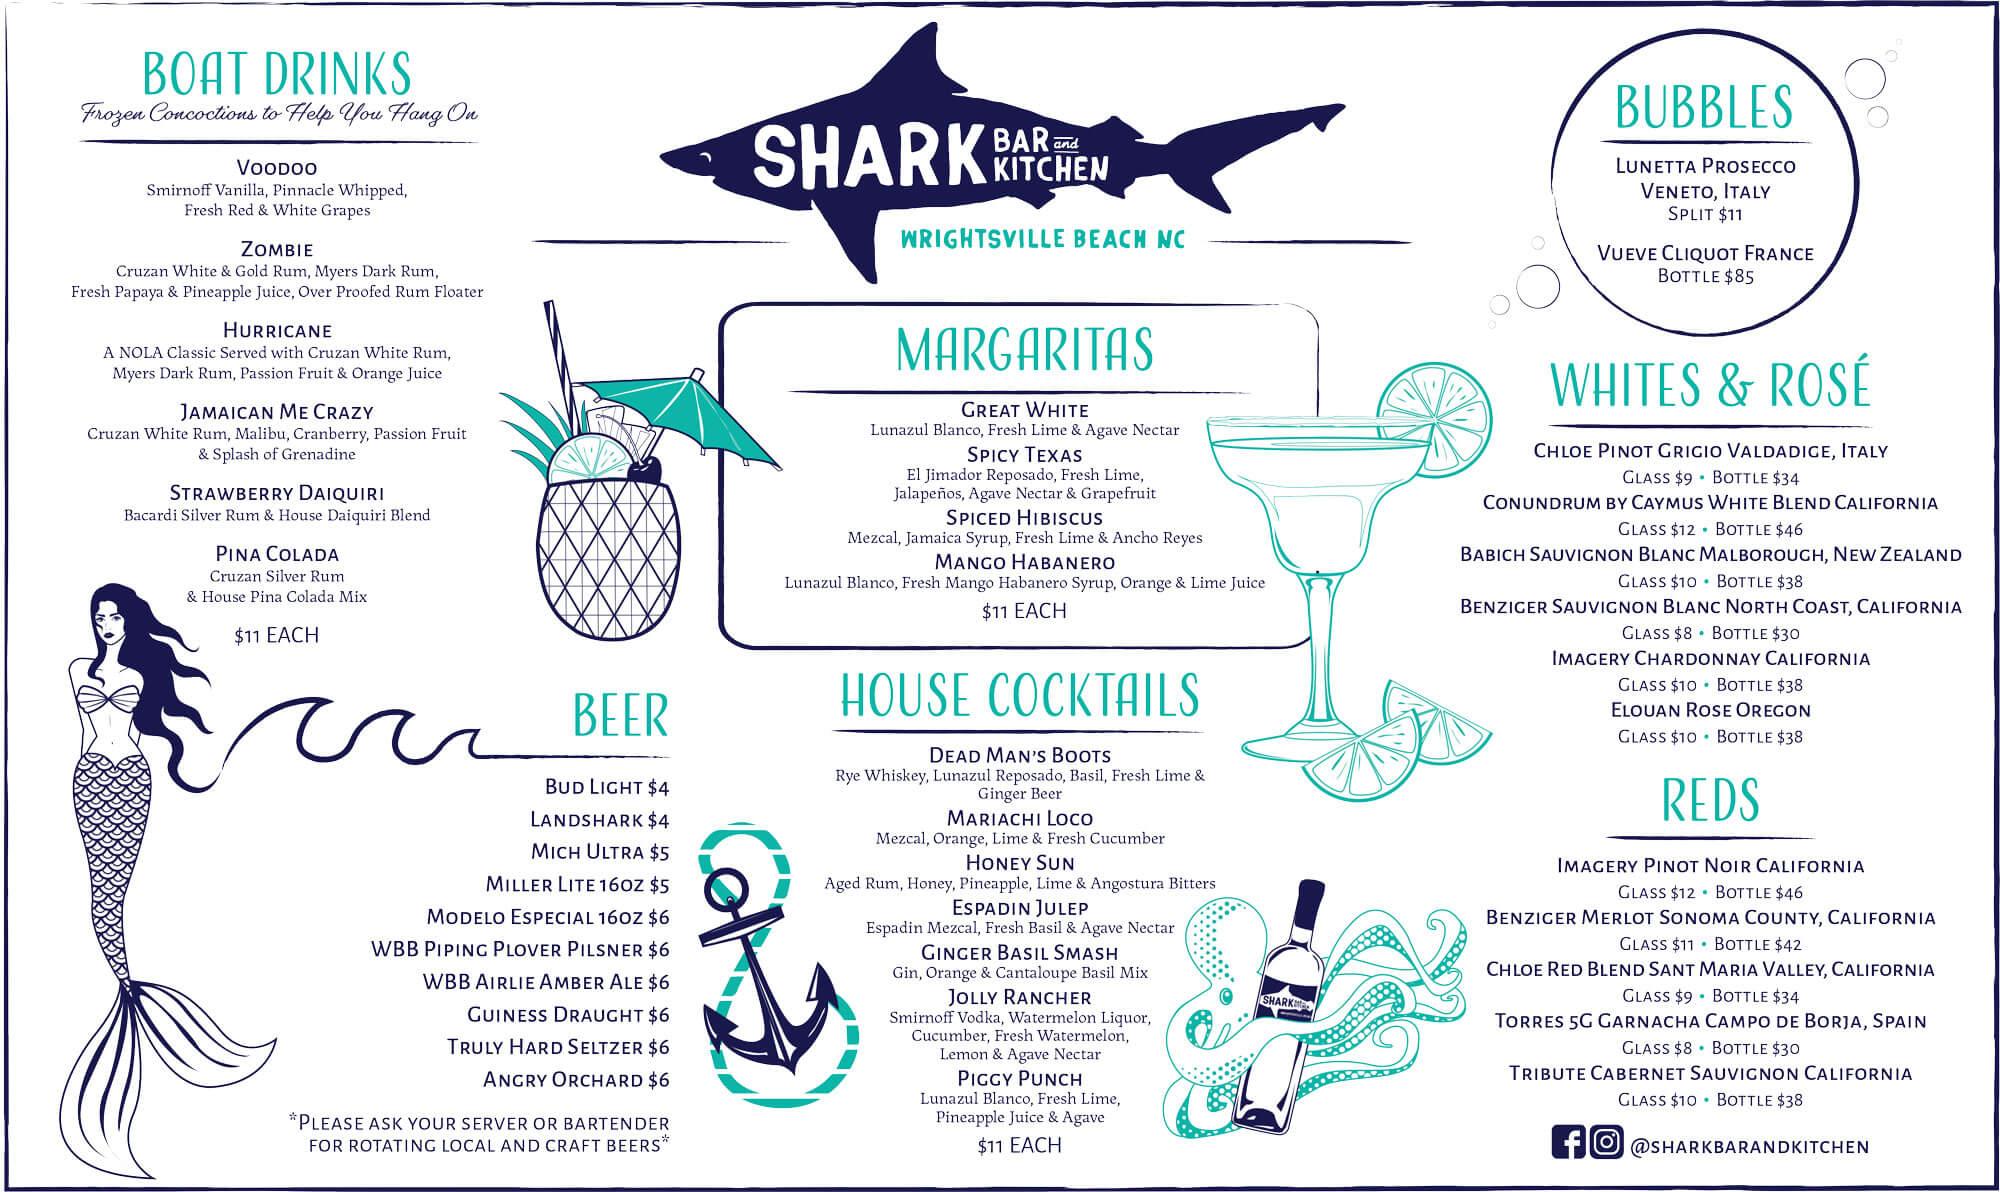 SHARK-BAR-Drink-Menu-Updates-05-19-20